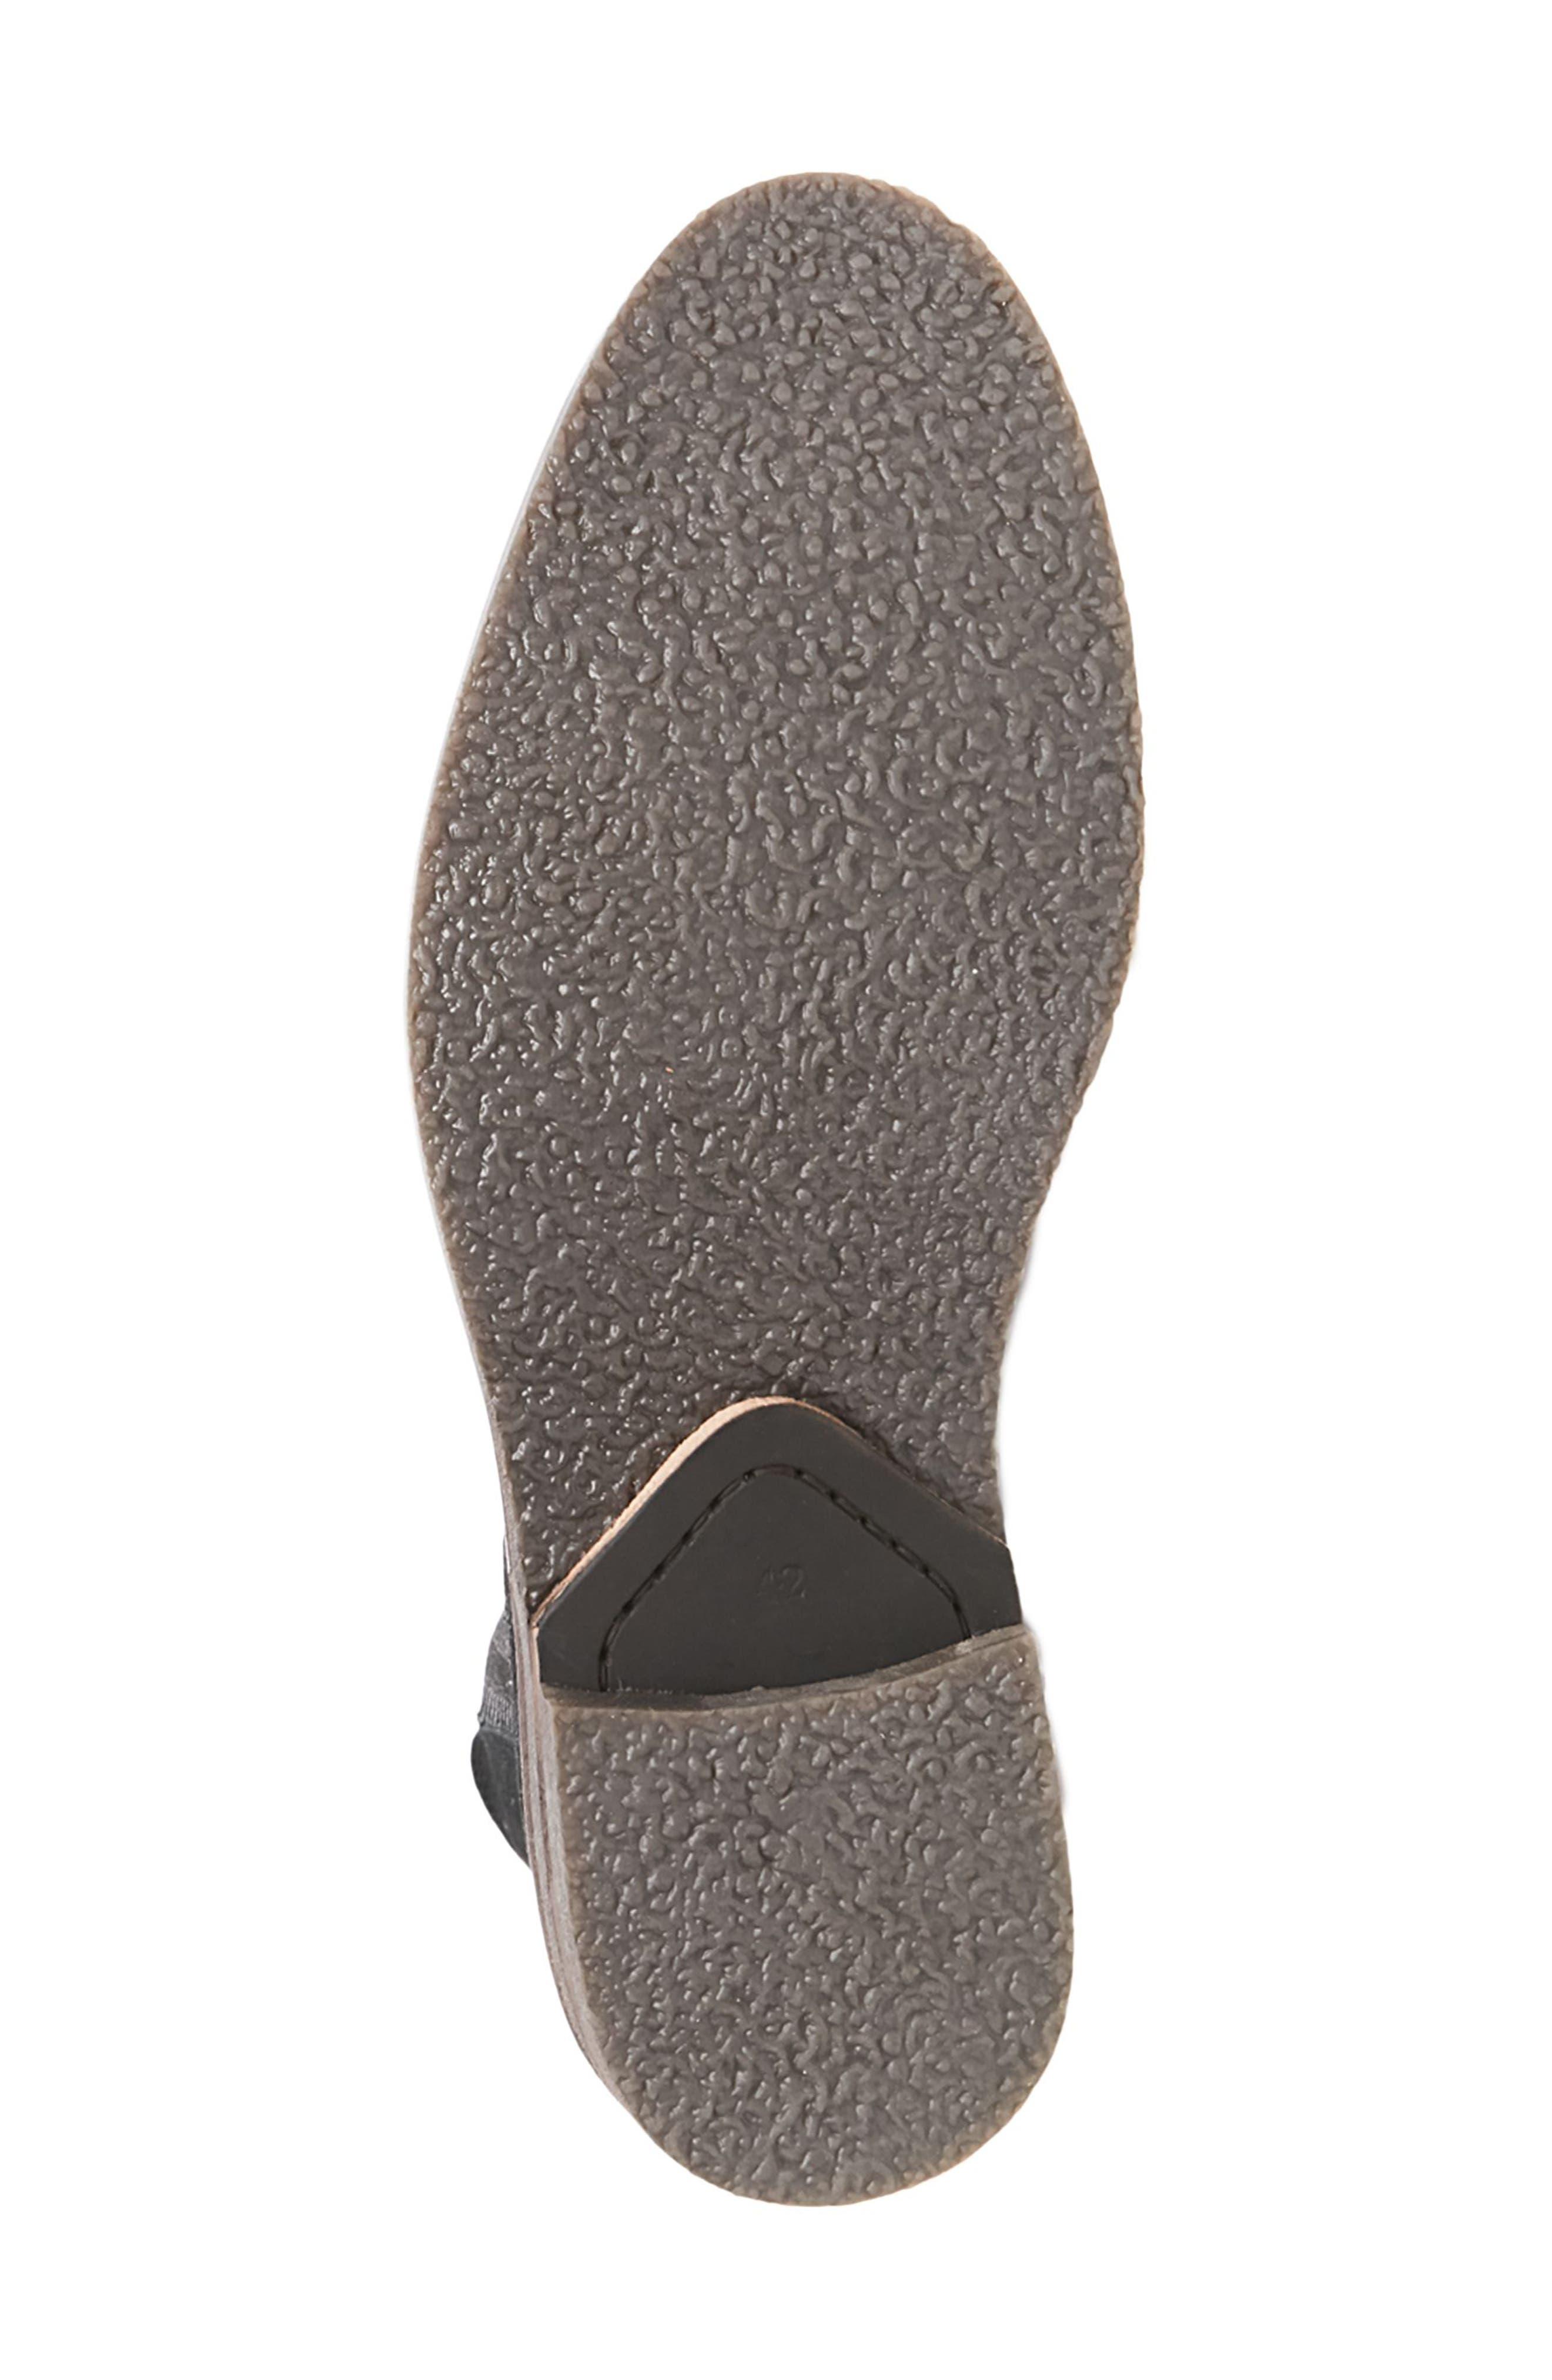 Teller Chelsea Boot,                             Alternate thumbnail 6, color,                             006